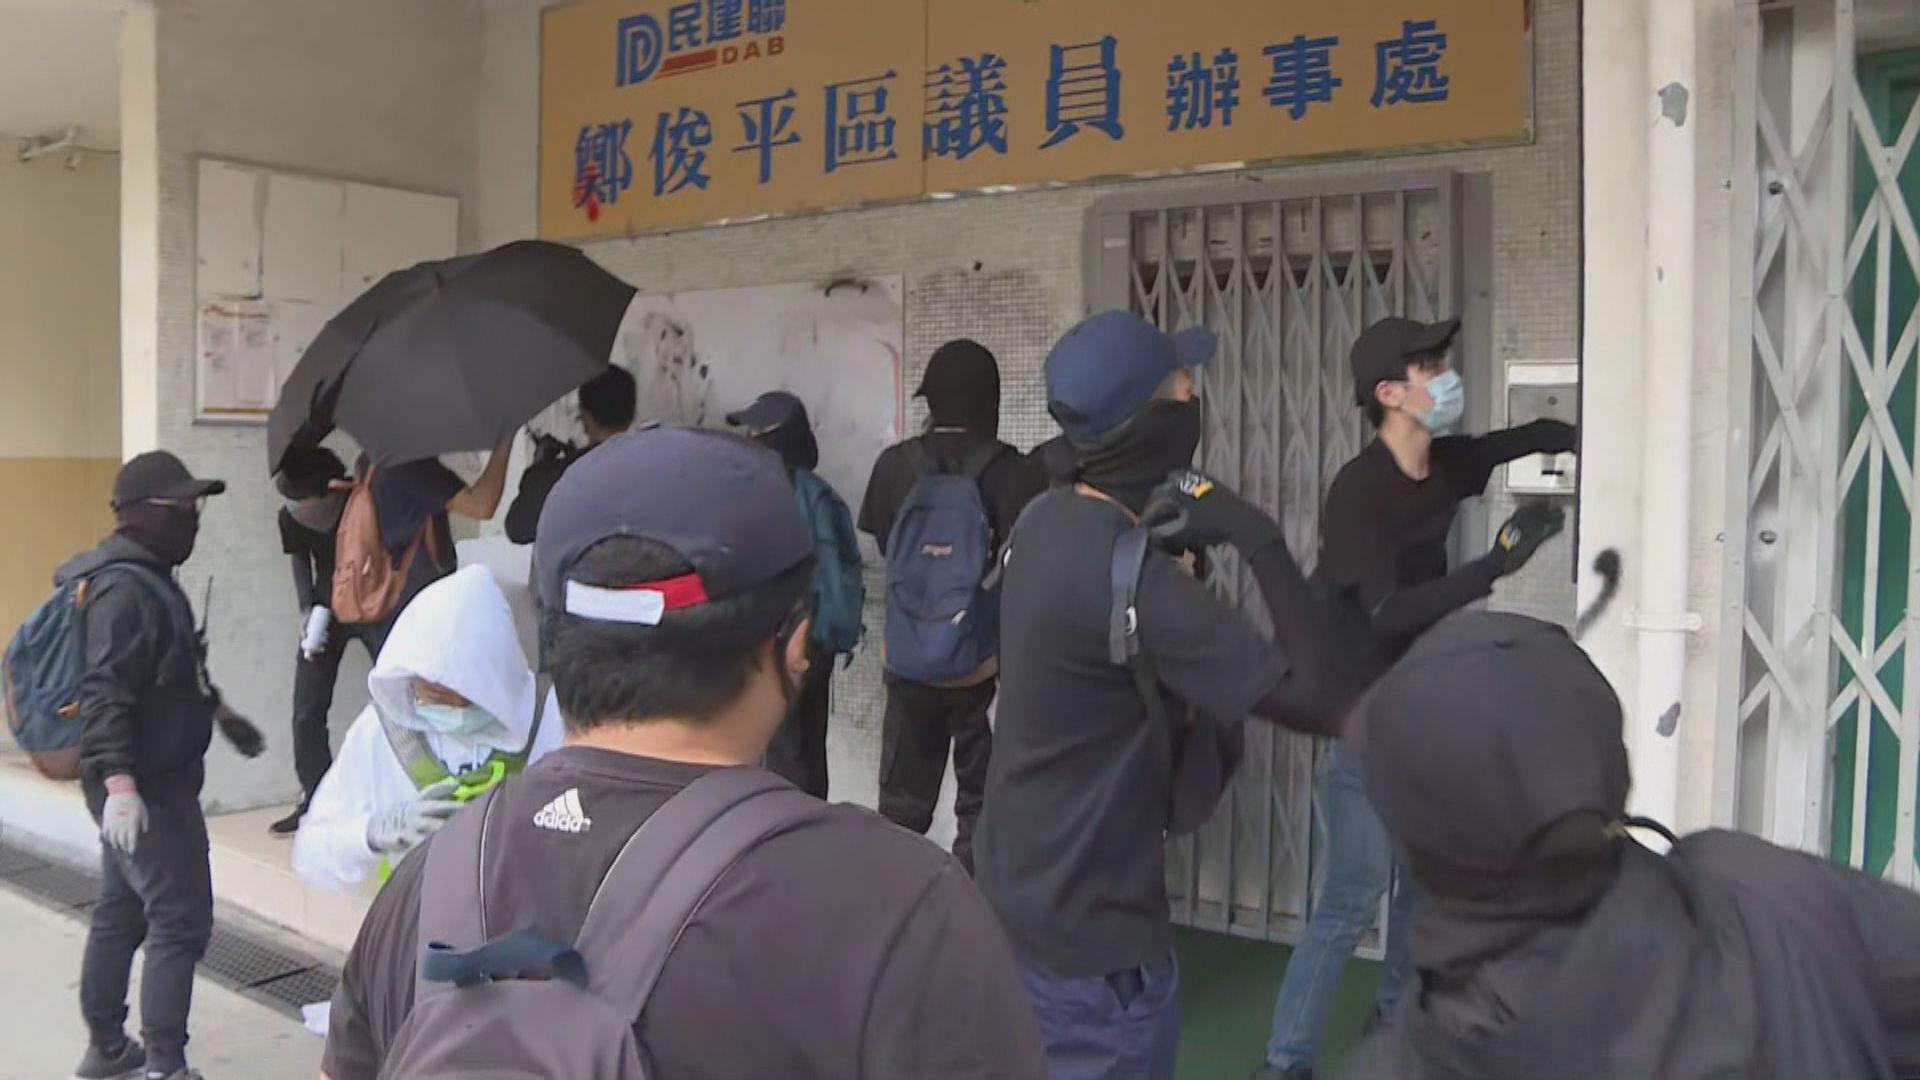 有示威者破壞大埔民建聯區議員辦事處